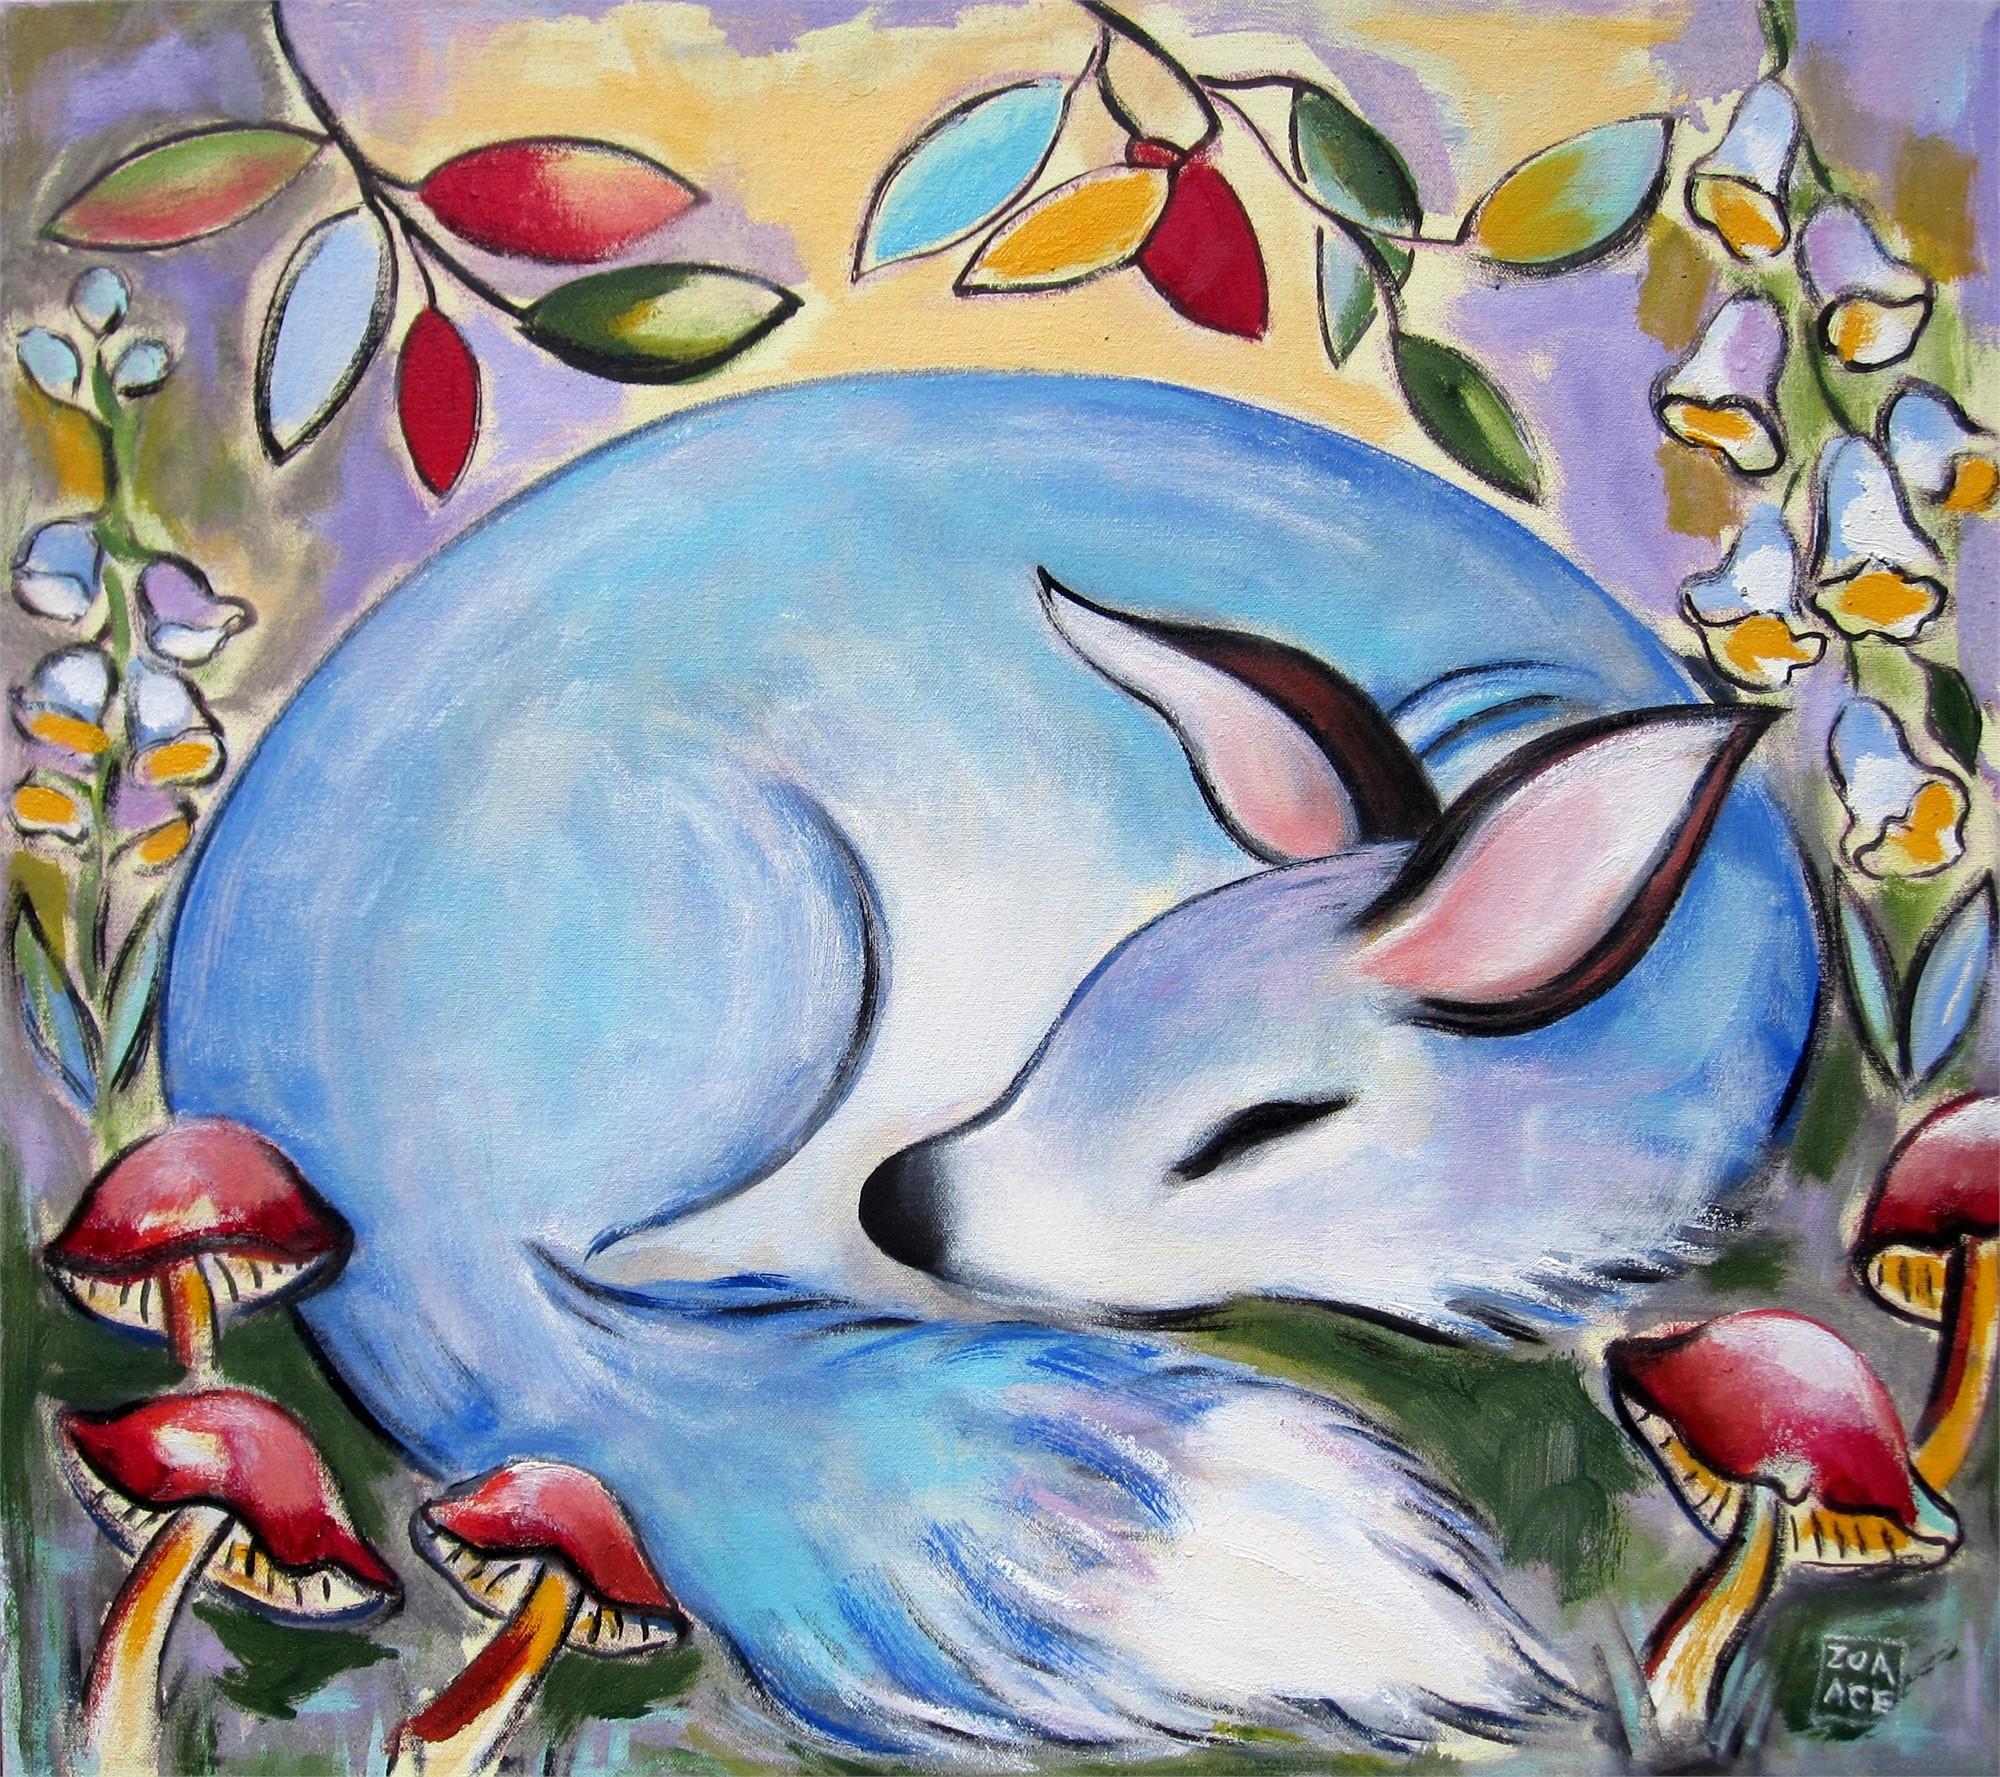 Blue Fox by Zoa Ace